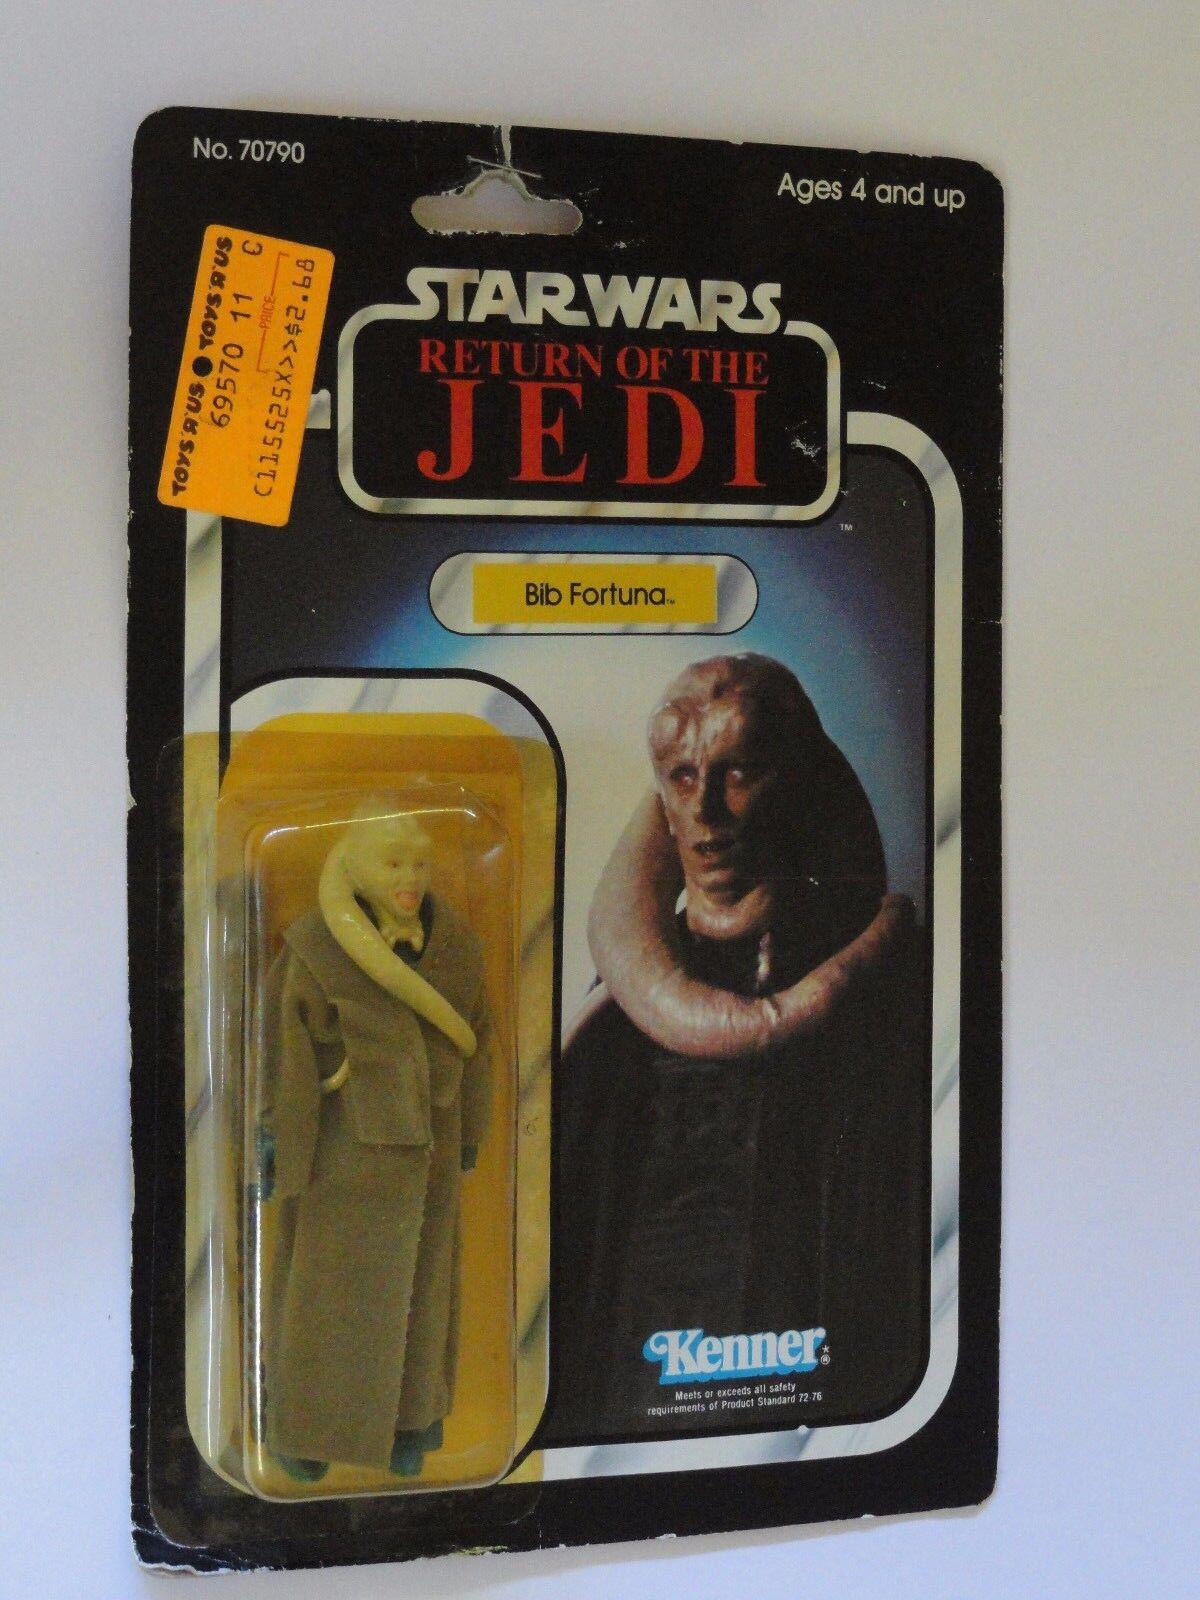 Star Wars Bib Fortuna retorno de las Jedi menta en tarjeta